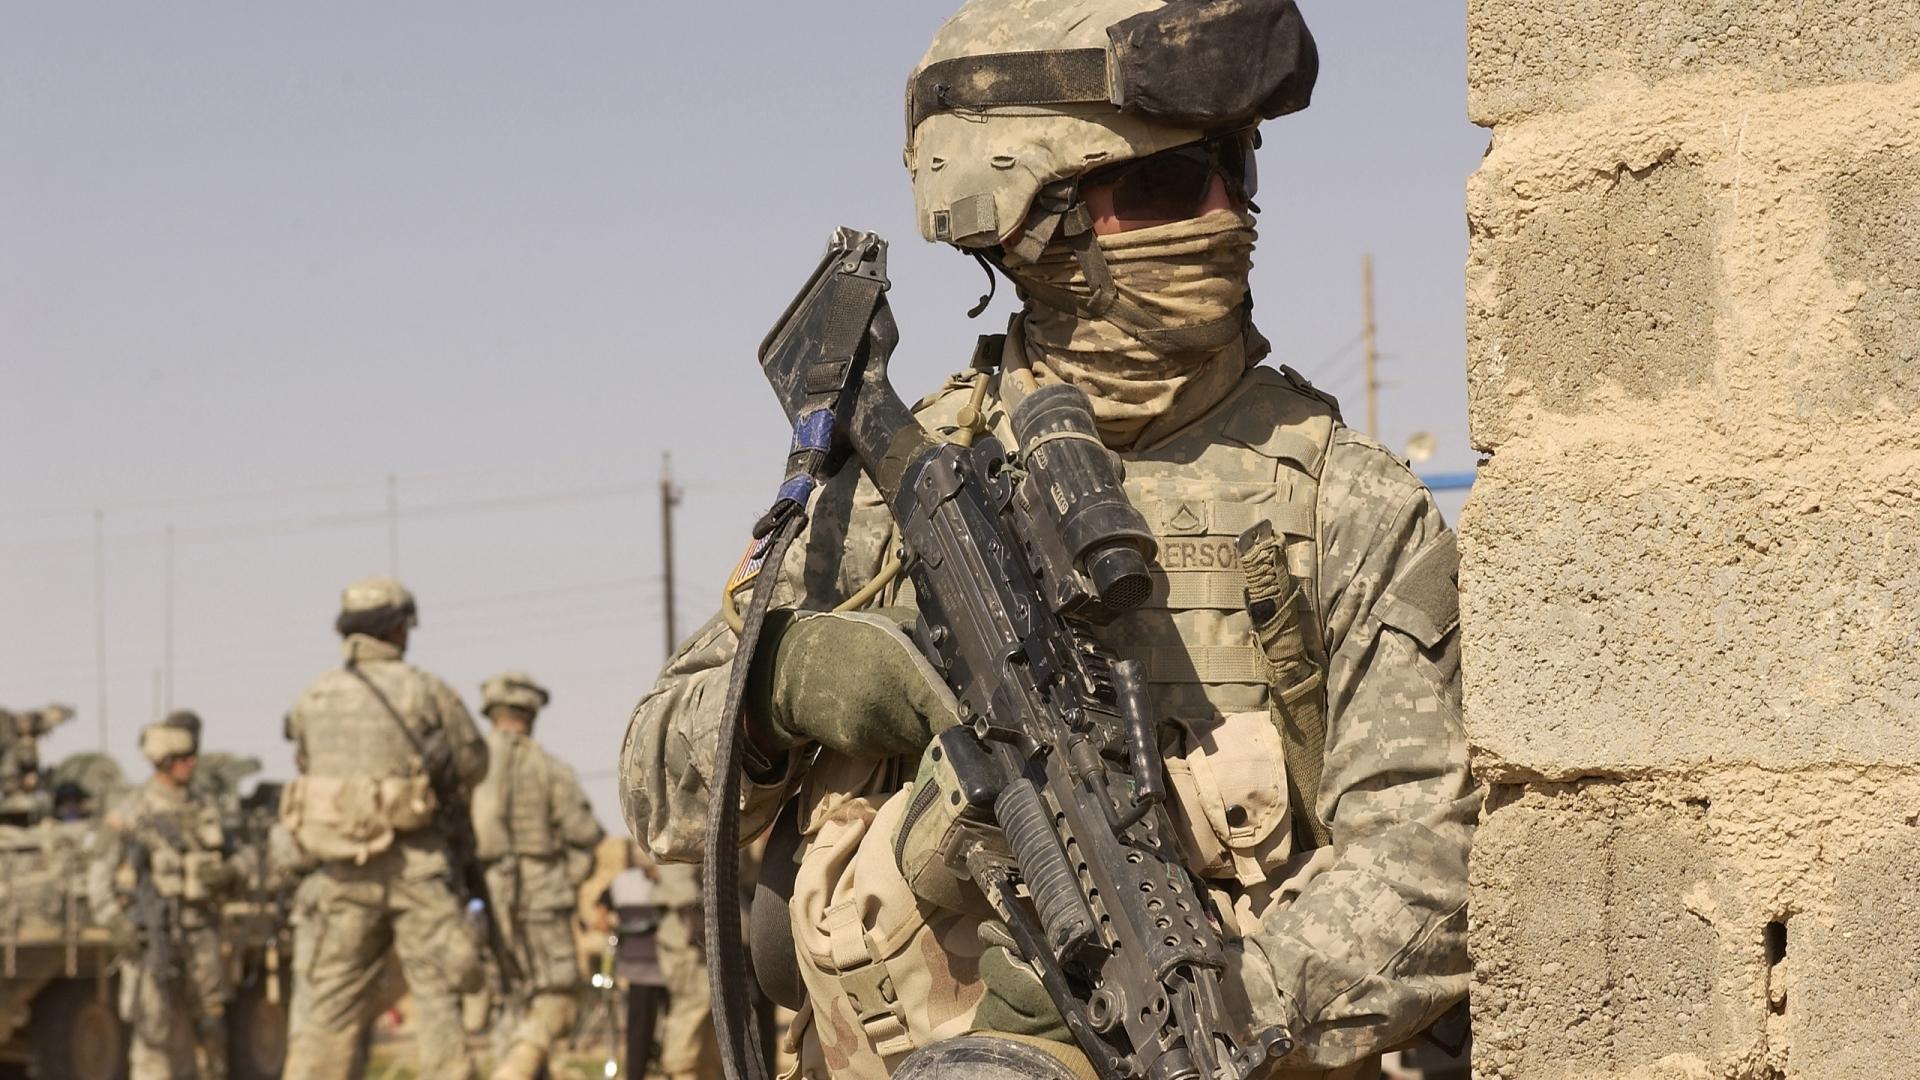 28975 Hintergrundbild herunterladen Menschen, Männer, Soldiers - Bildschirmschoner und Bilder kostenlos